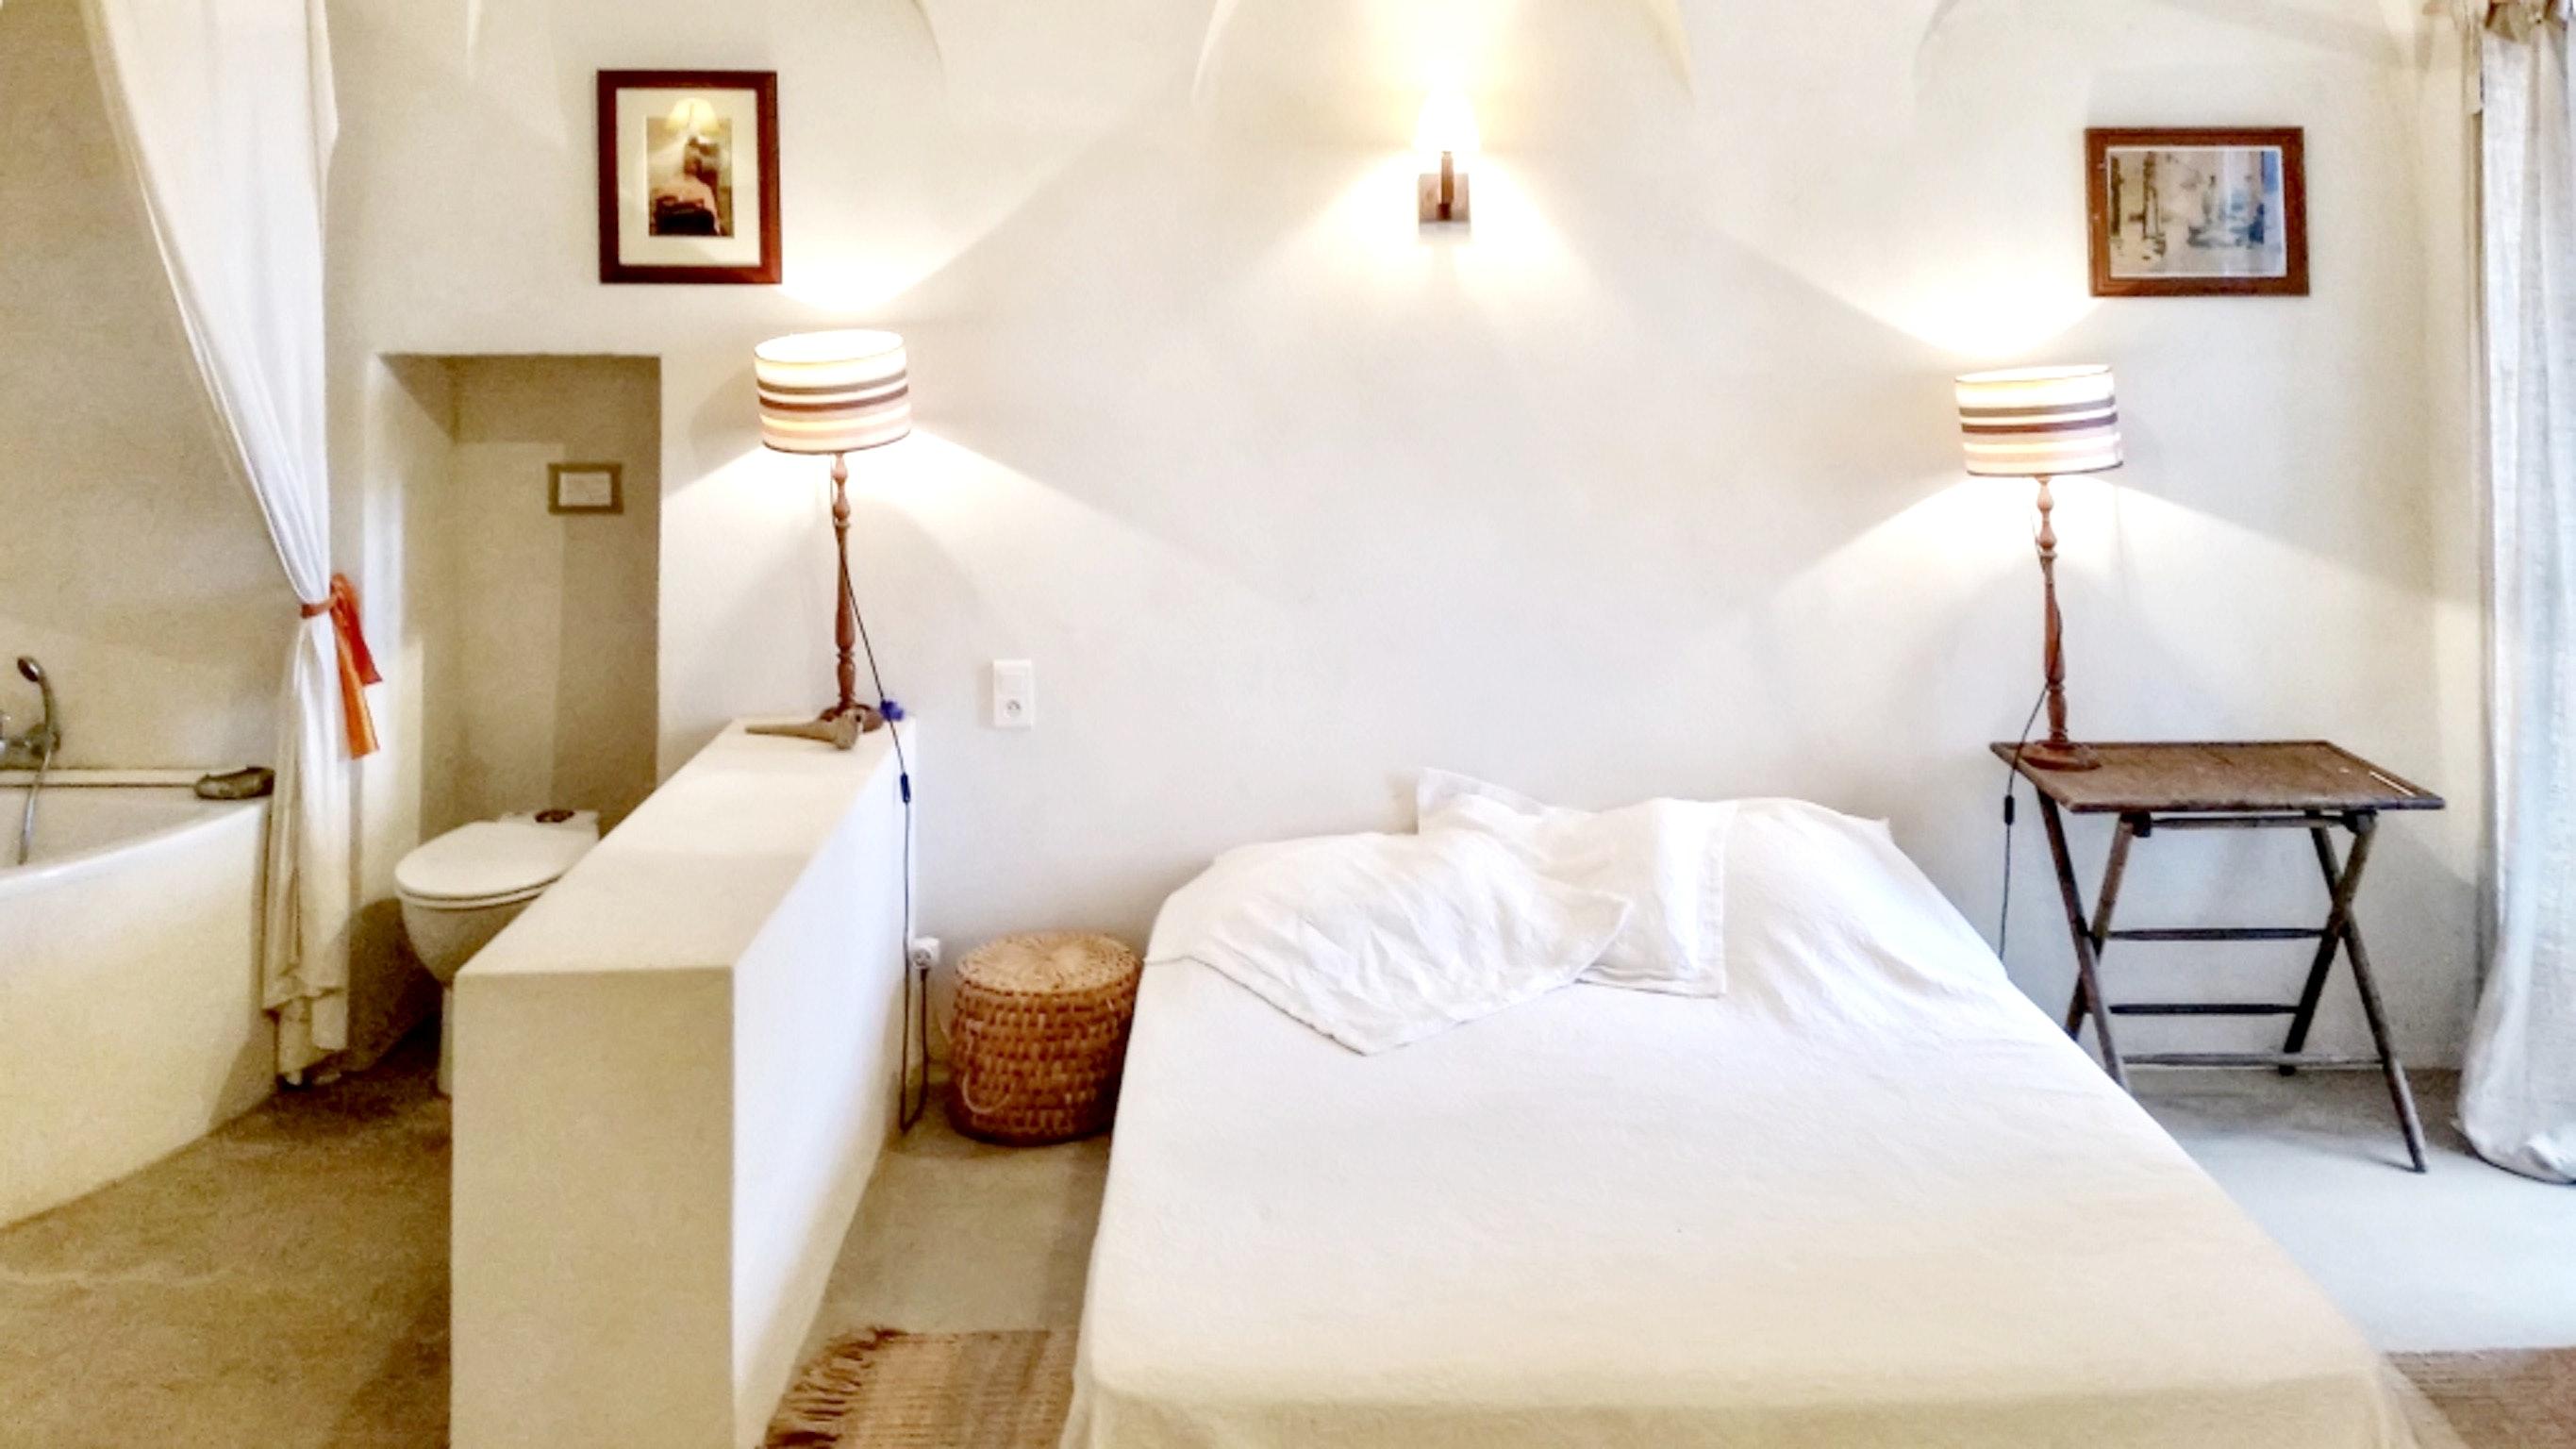 Maison de vacances Herrliches Haus mit neun Schlafzimmern und grandiosem Blick aufs Meer im hübschen Dörfchen (2202571), Centuri, Haute-Corse, Corse, France, image 23